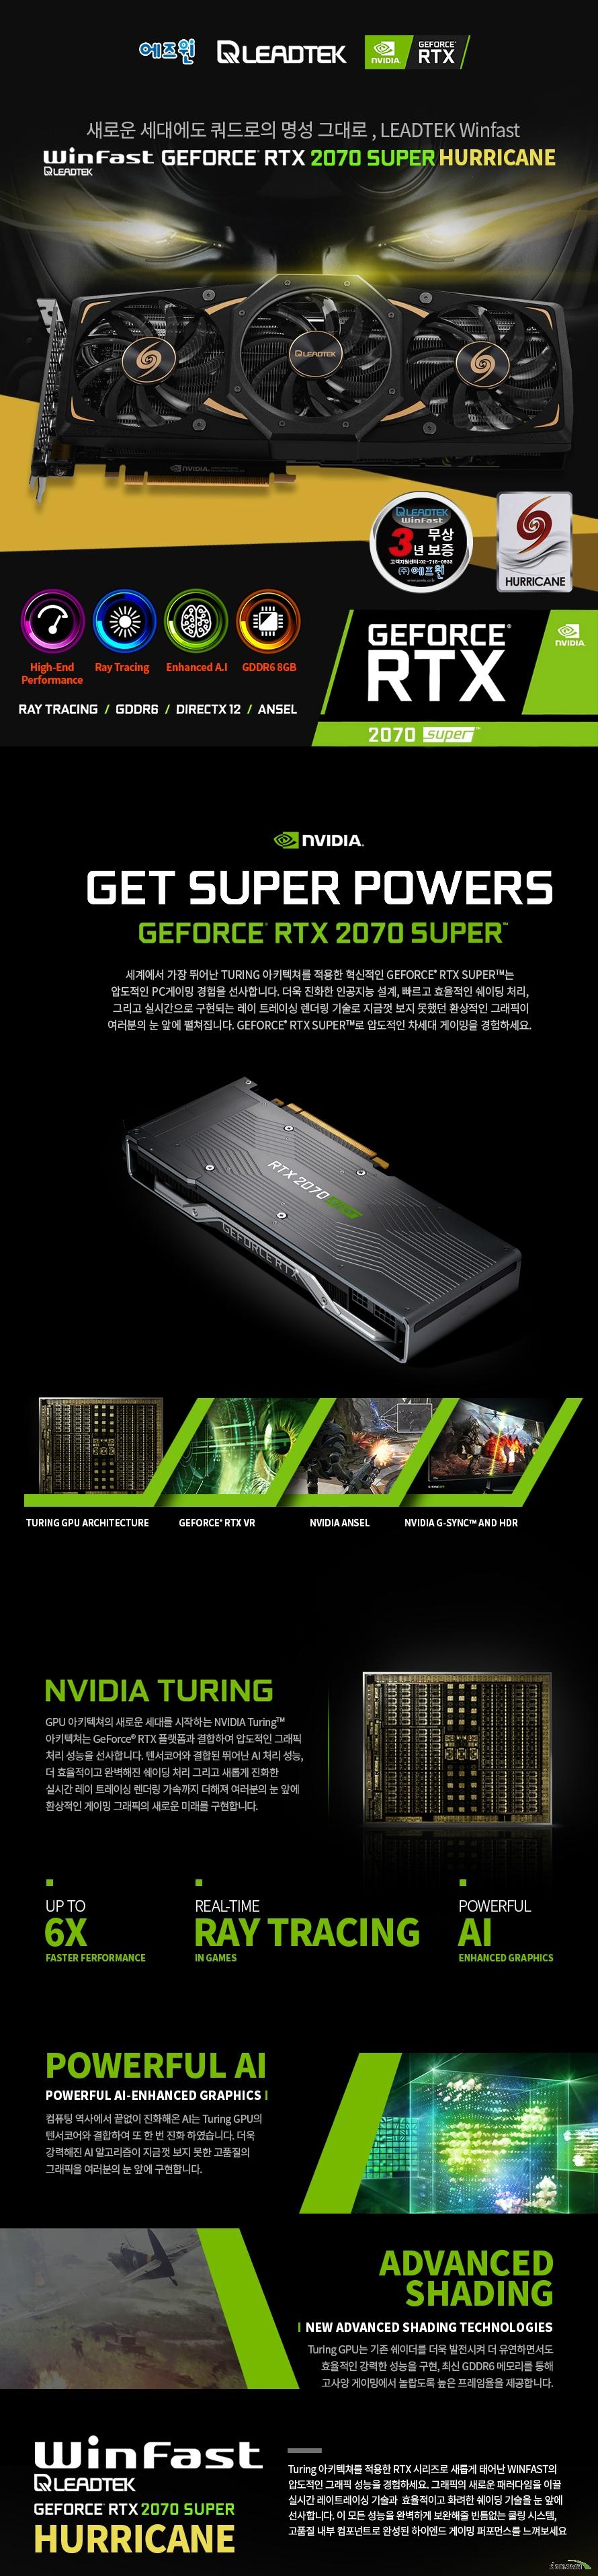 리드텍 Winfast 지포스 RTX 2070 SUPER D6 8G HURRICANE 에즈윈  쿠다 코어 개수 2560개 베이스 클럭 1605 메가헤르츠 부스트 클럭 1815 메가헤르츠  메모리 버스 256비트 메모리 타입 GDDR6 8기가바이트 메모리 클럭 14000 메가 헤르츠  디스플레이 포트 듀얼링크 HDMI 2.0B 포트 1개 DP 1.4 포트 3개  최대 해상도  7680X4320 지원 최대 4대 멀티 디스플레이 지원  소비 전력 215와트 권장 전력 650와트 이상 8+6핀 전원 커넥터 사용  제품 크기  길이 303밀리미터 넓이 124.5밀리미터 두께 2슬롯  지원 KC 인증번호 R-R-ASW-LTRTX-2070SUPER 쿨링 시스템  85밀리미터 트리플 쿨링 팬 알루미늄 히트싱크 6밀리미터 구리 히트 파이프 5개